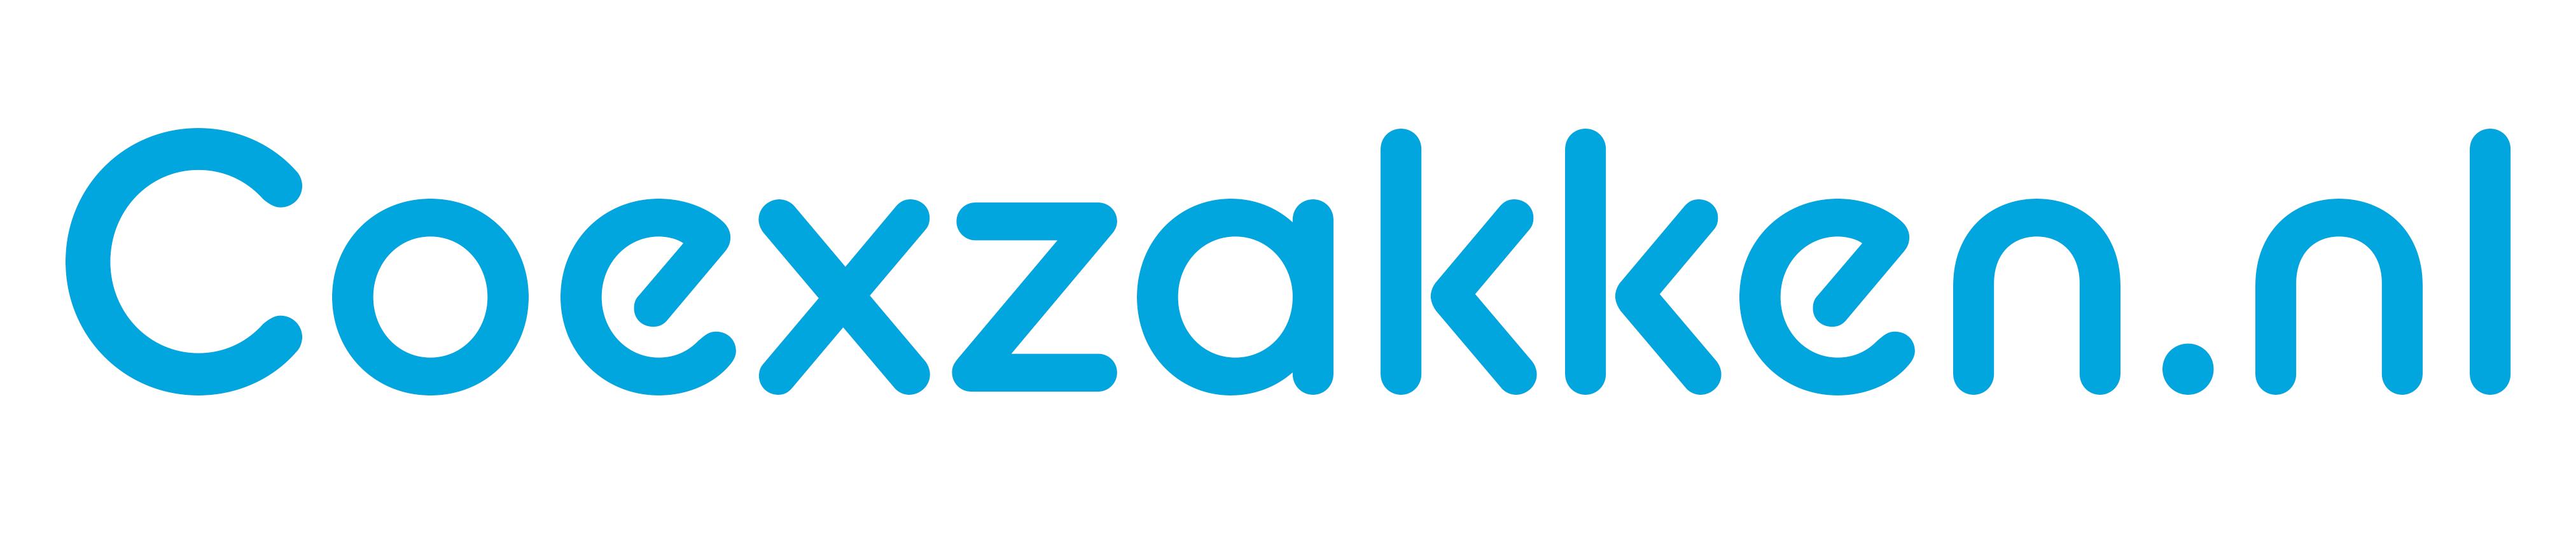 Coexzakken.nl